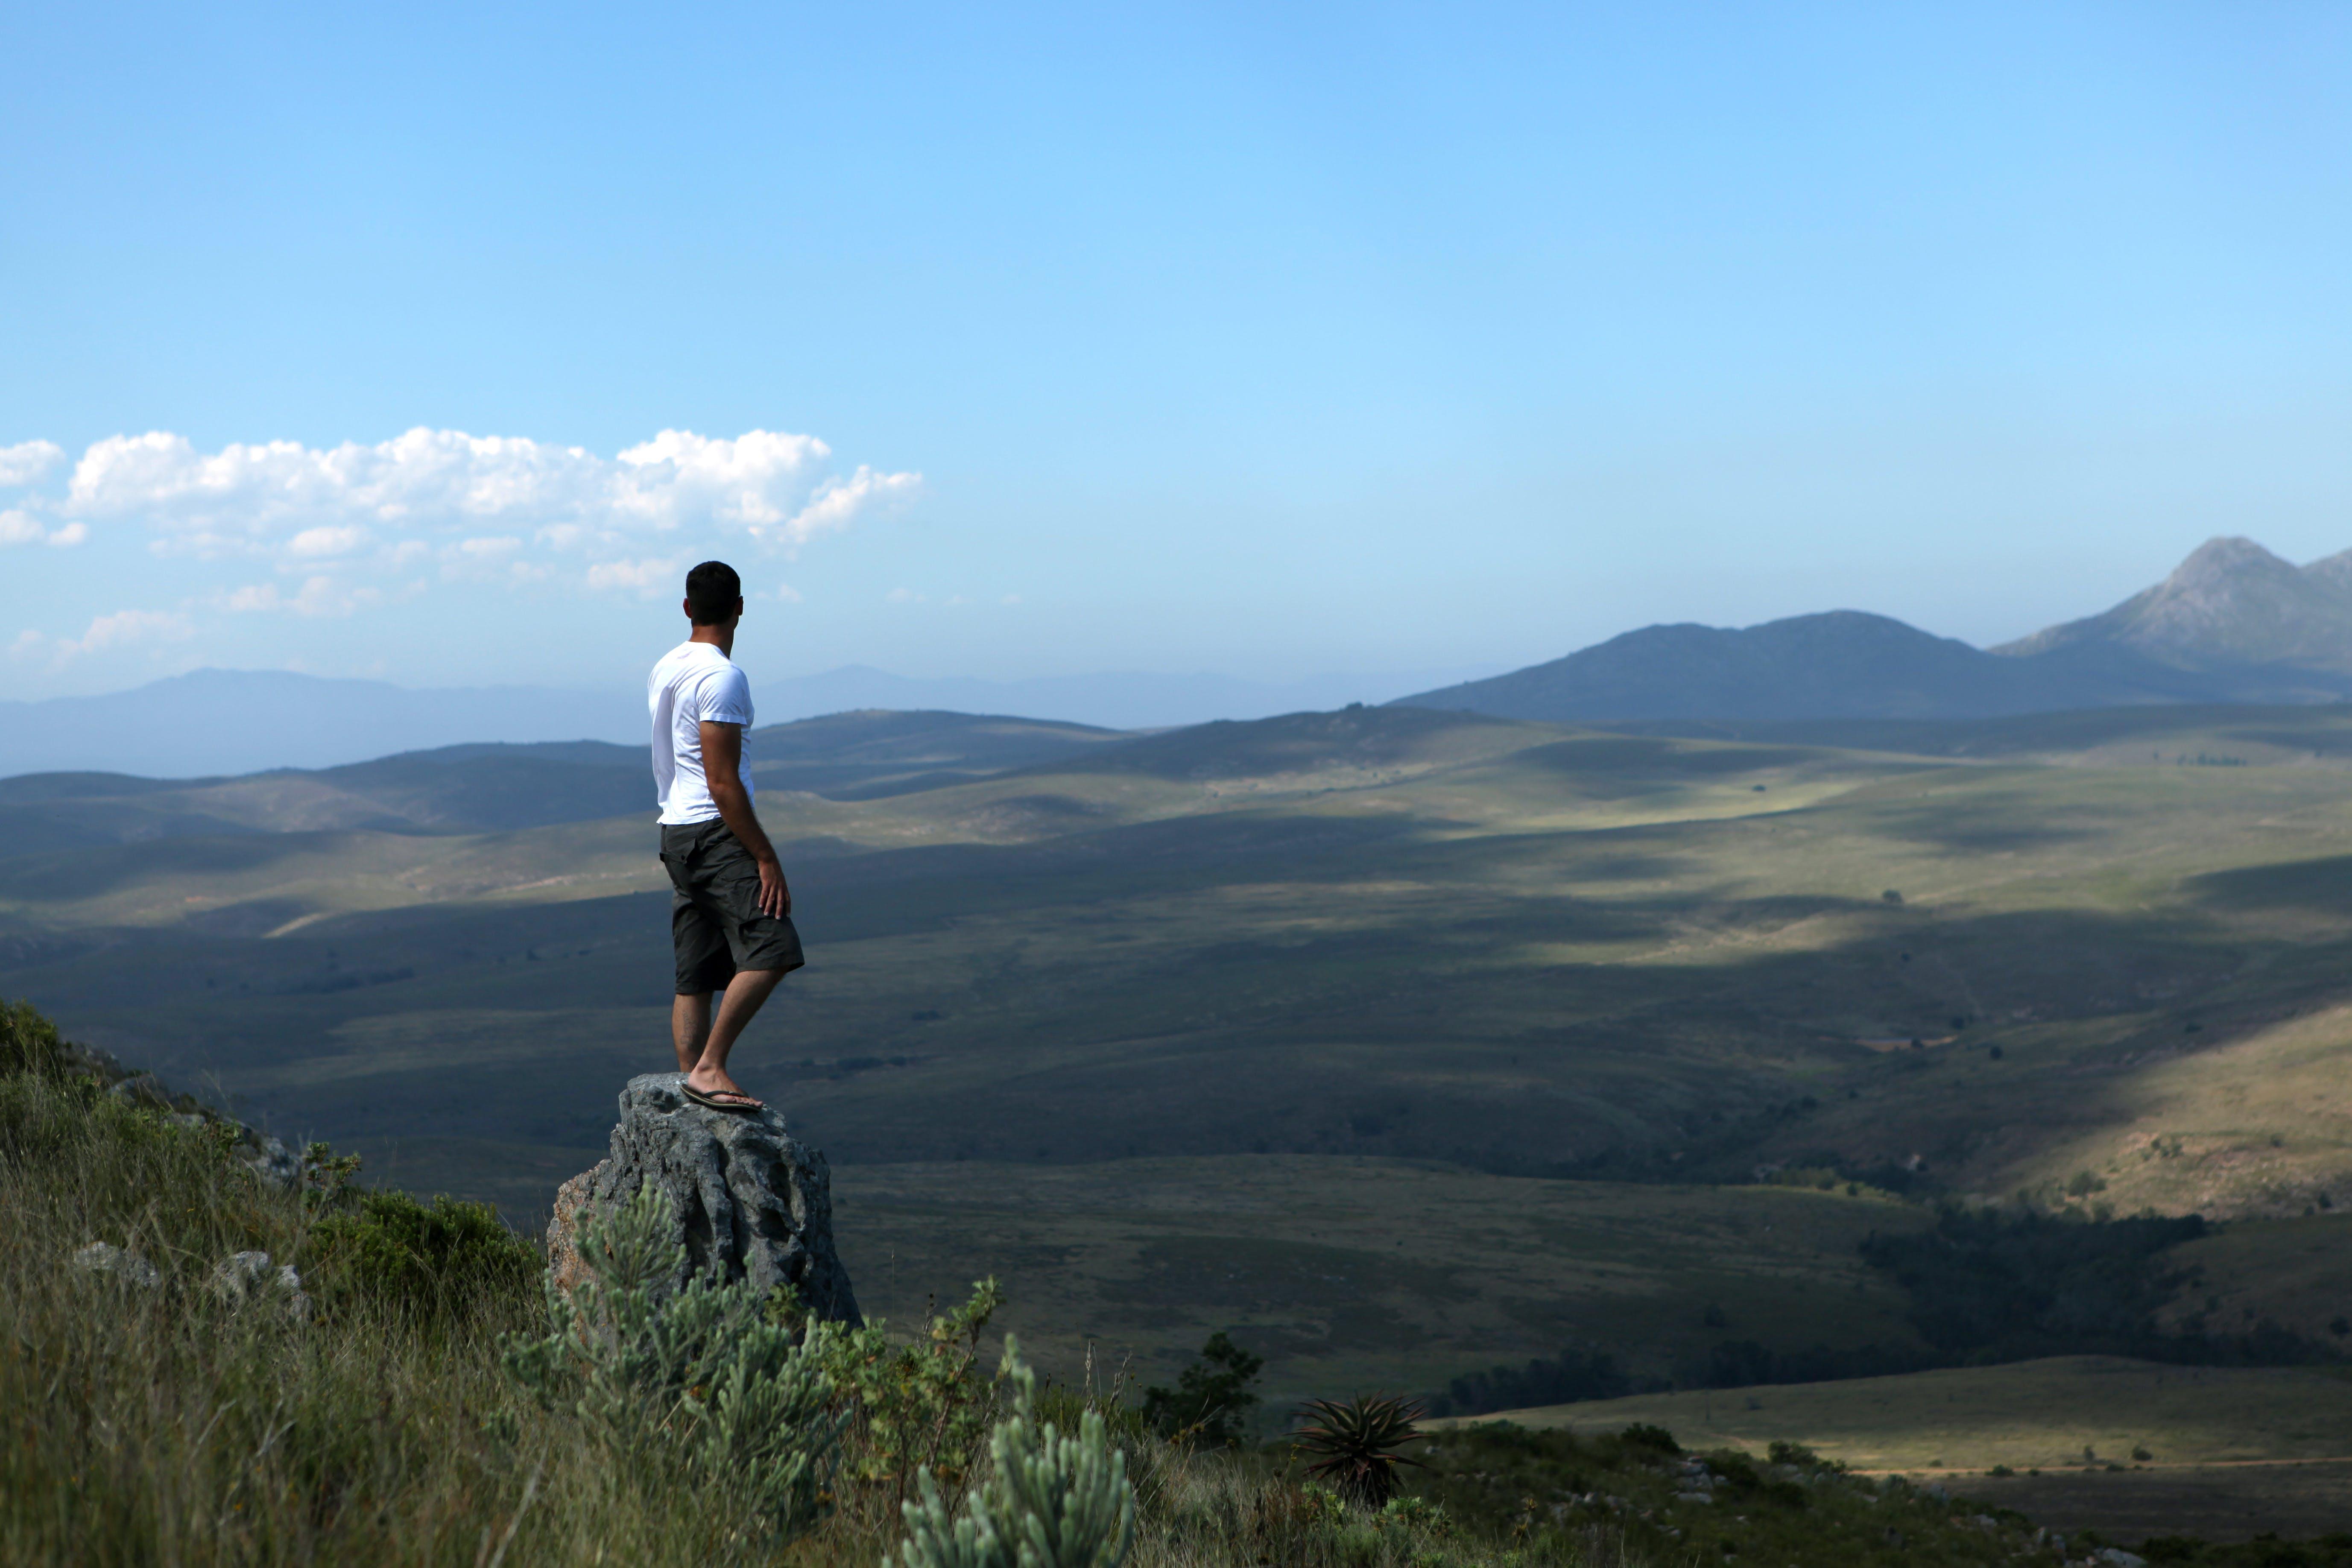 Kostenloses Stock Foto zu abenteuer, berge, blick auf die berge, entfernung